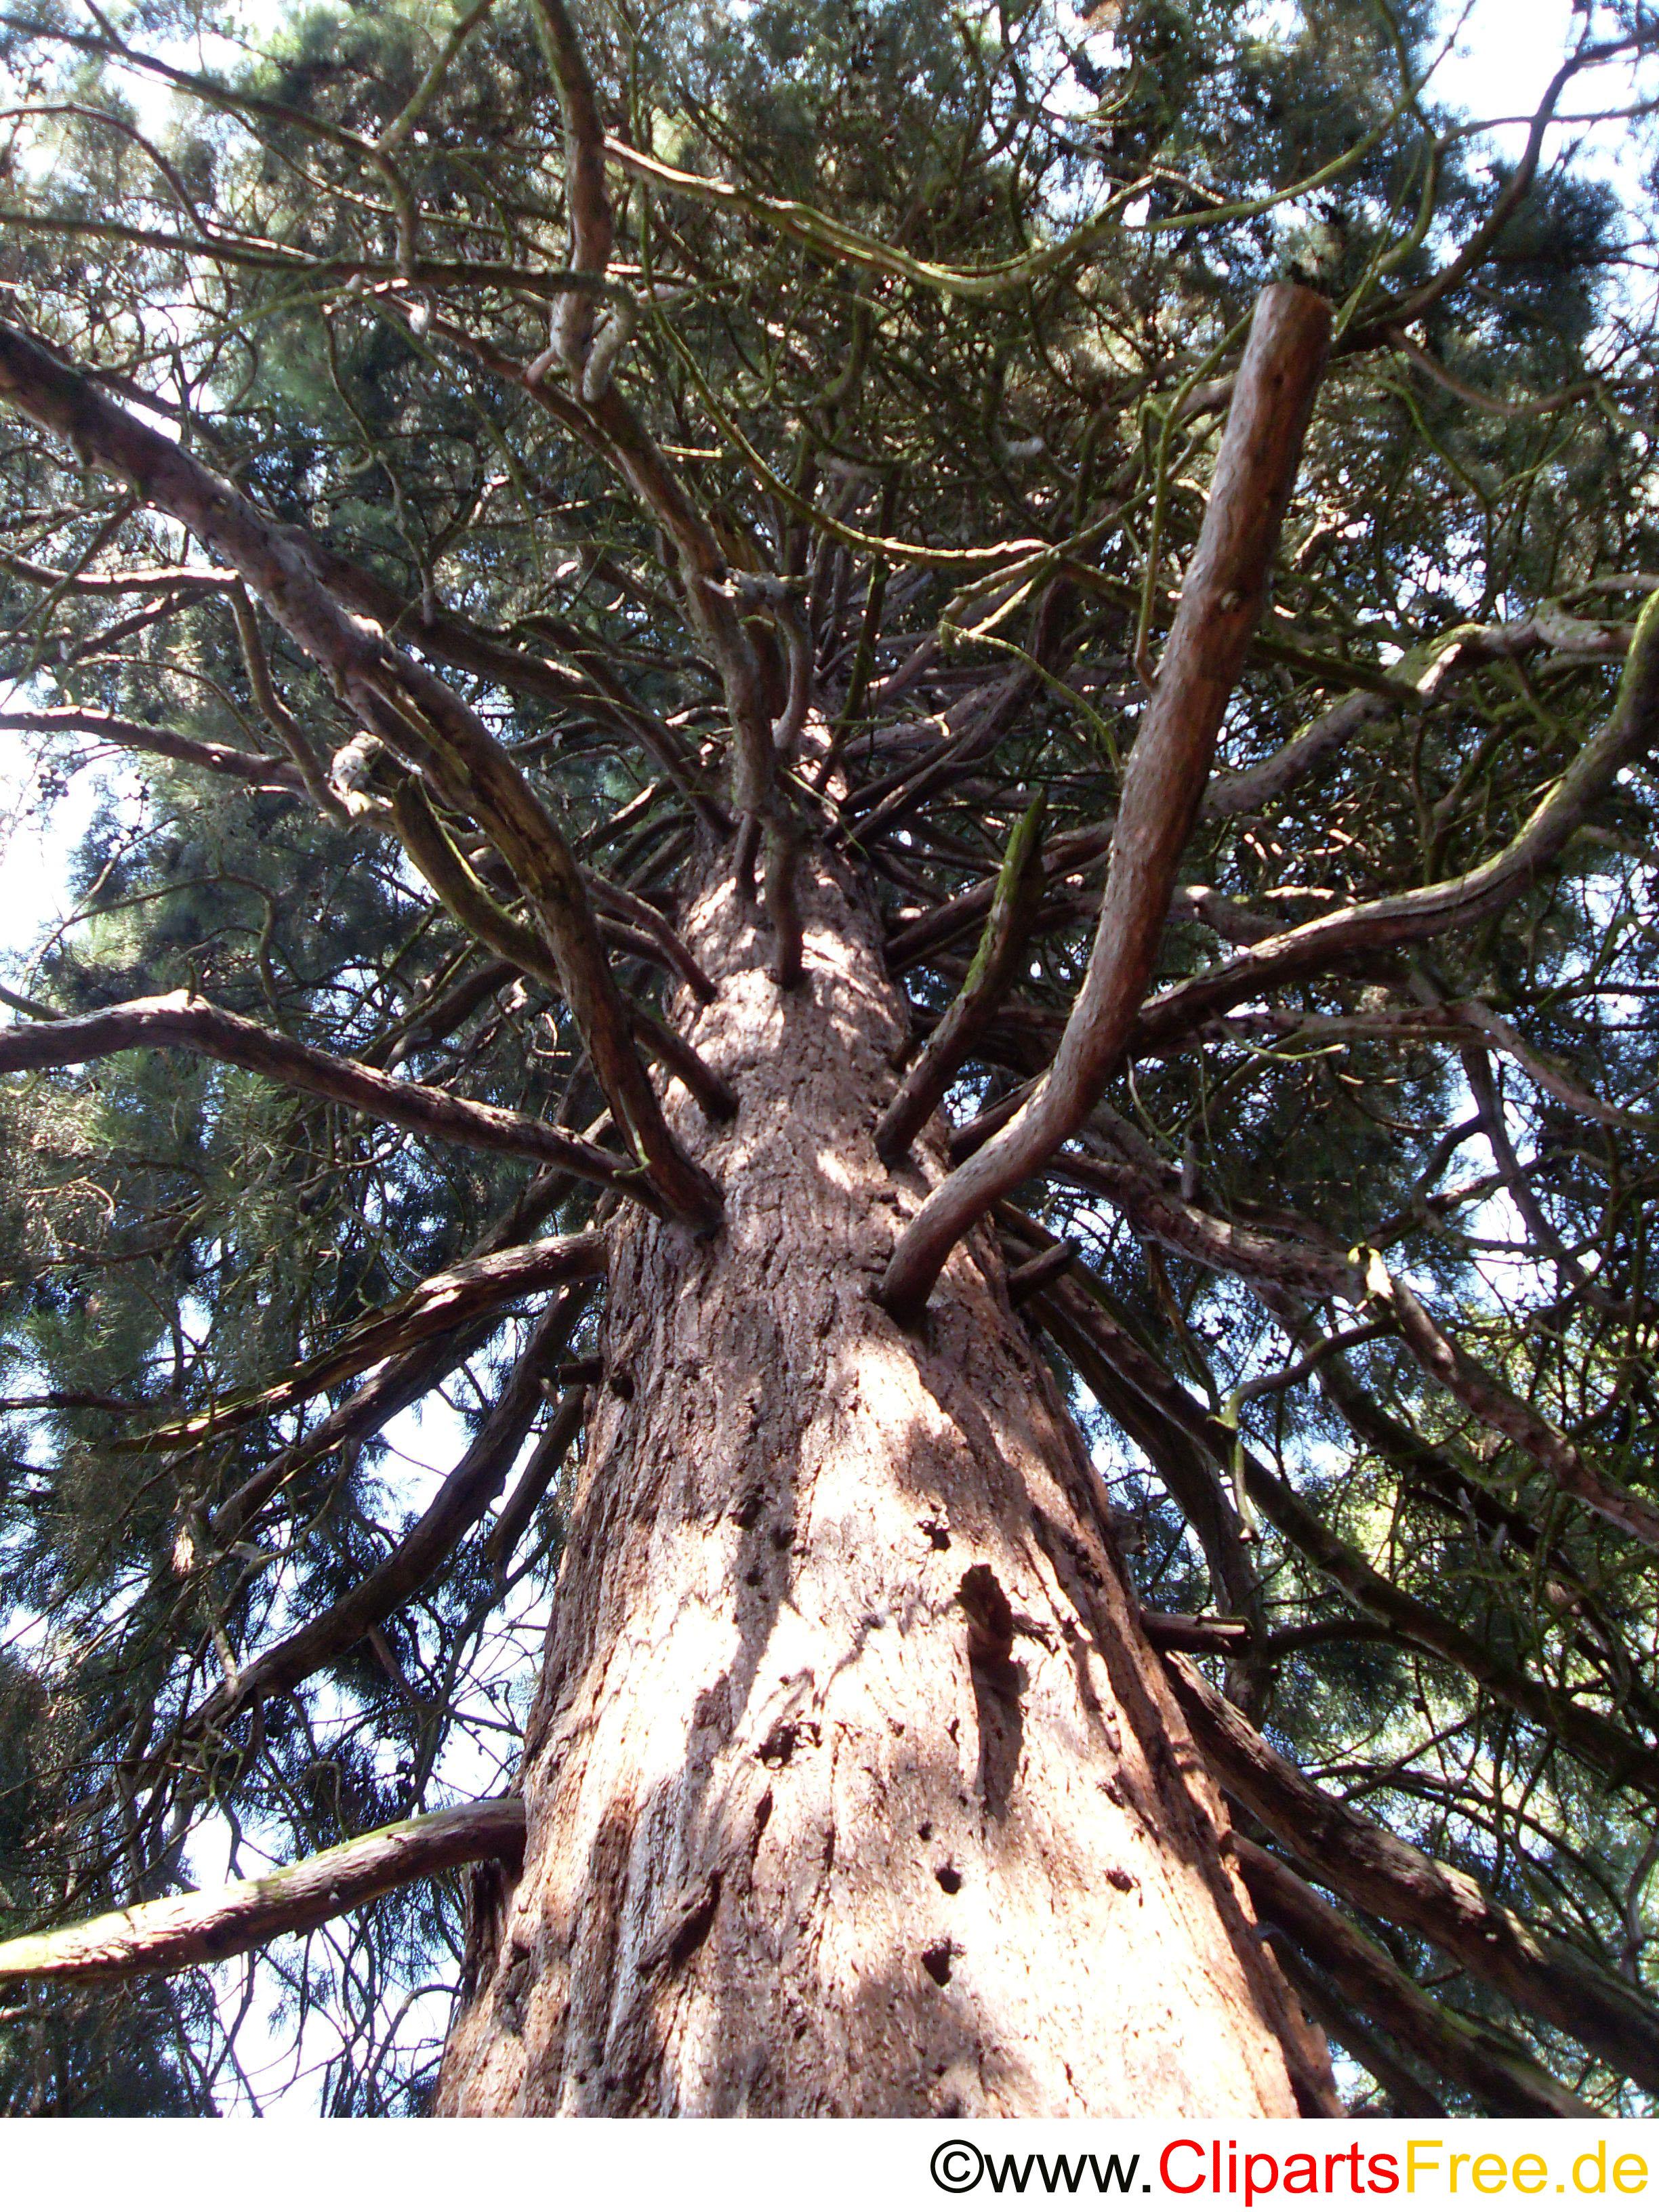 Kiefer im Wald Bild kostenlos